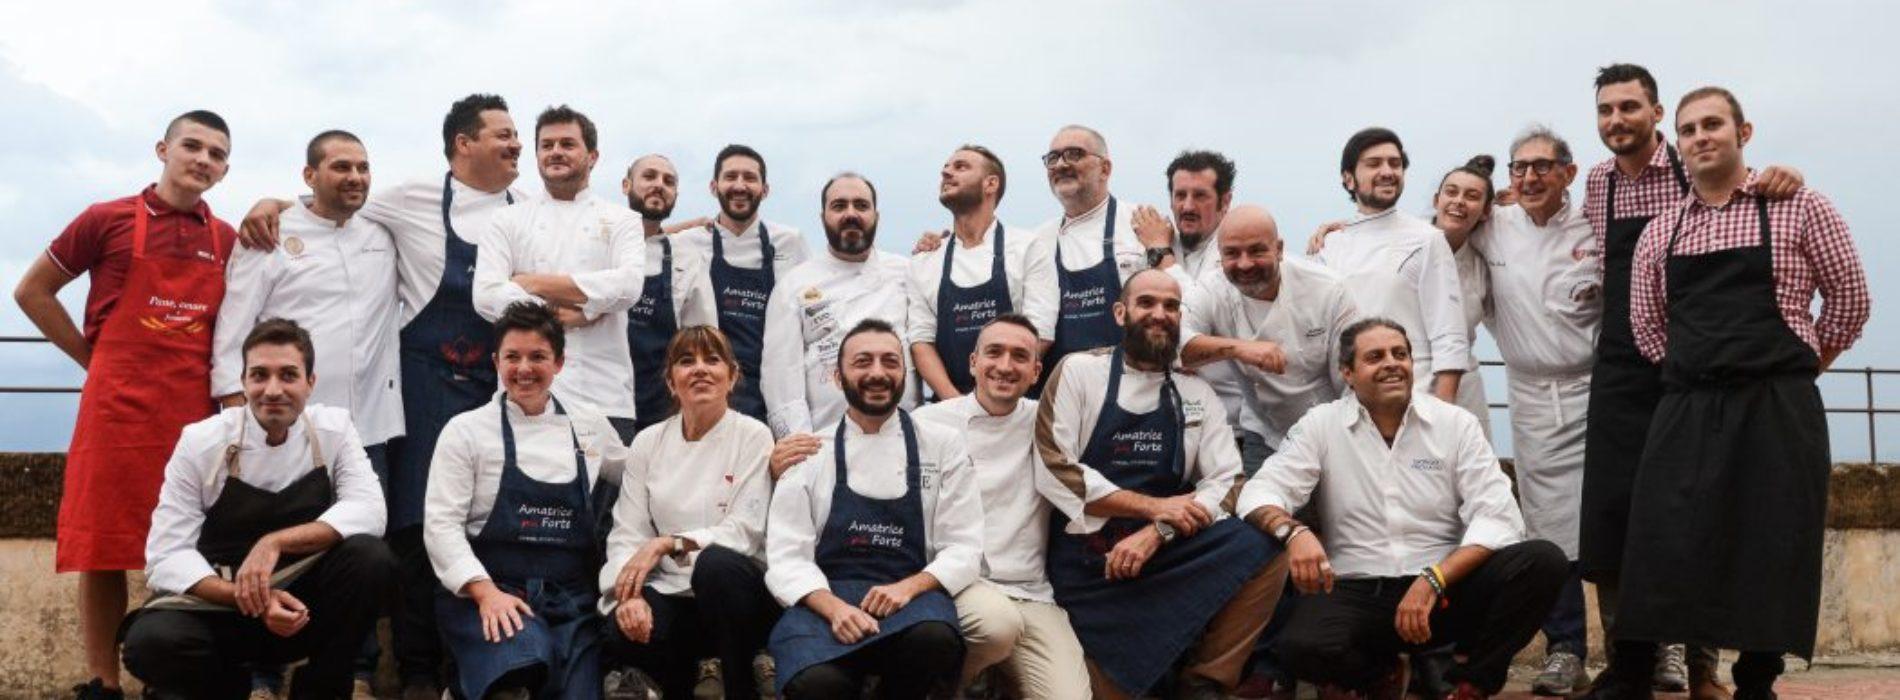 Italian Chef Charity Night a Firenze, al Forte Belvedere sedici chef toscani contro il femminicidio